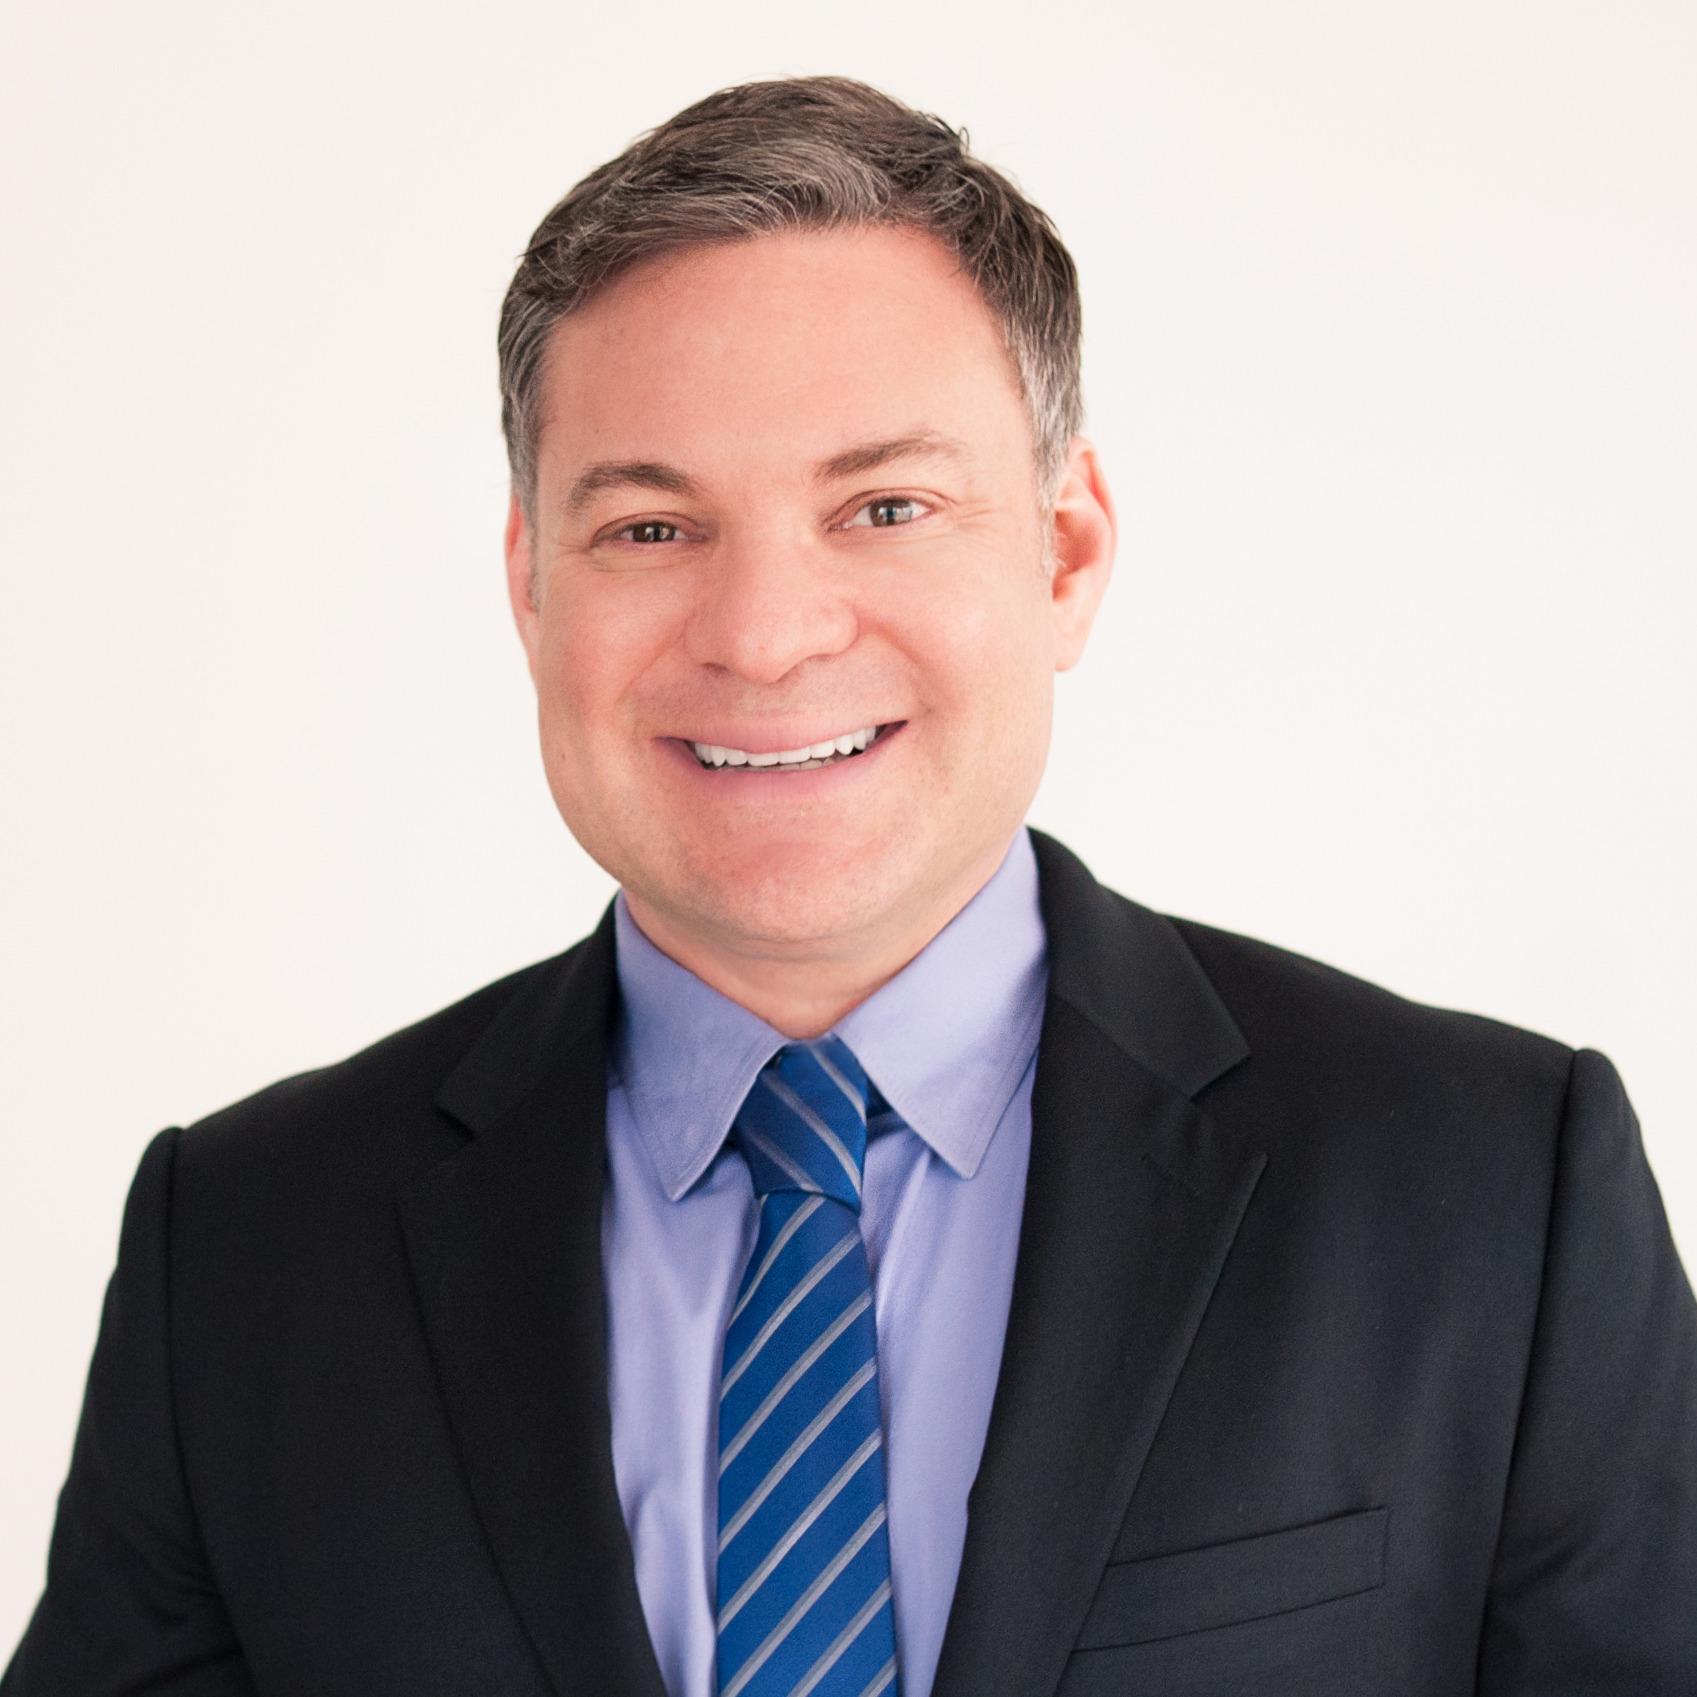 Michael Kosdon